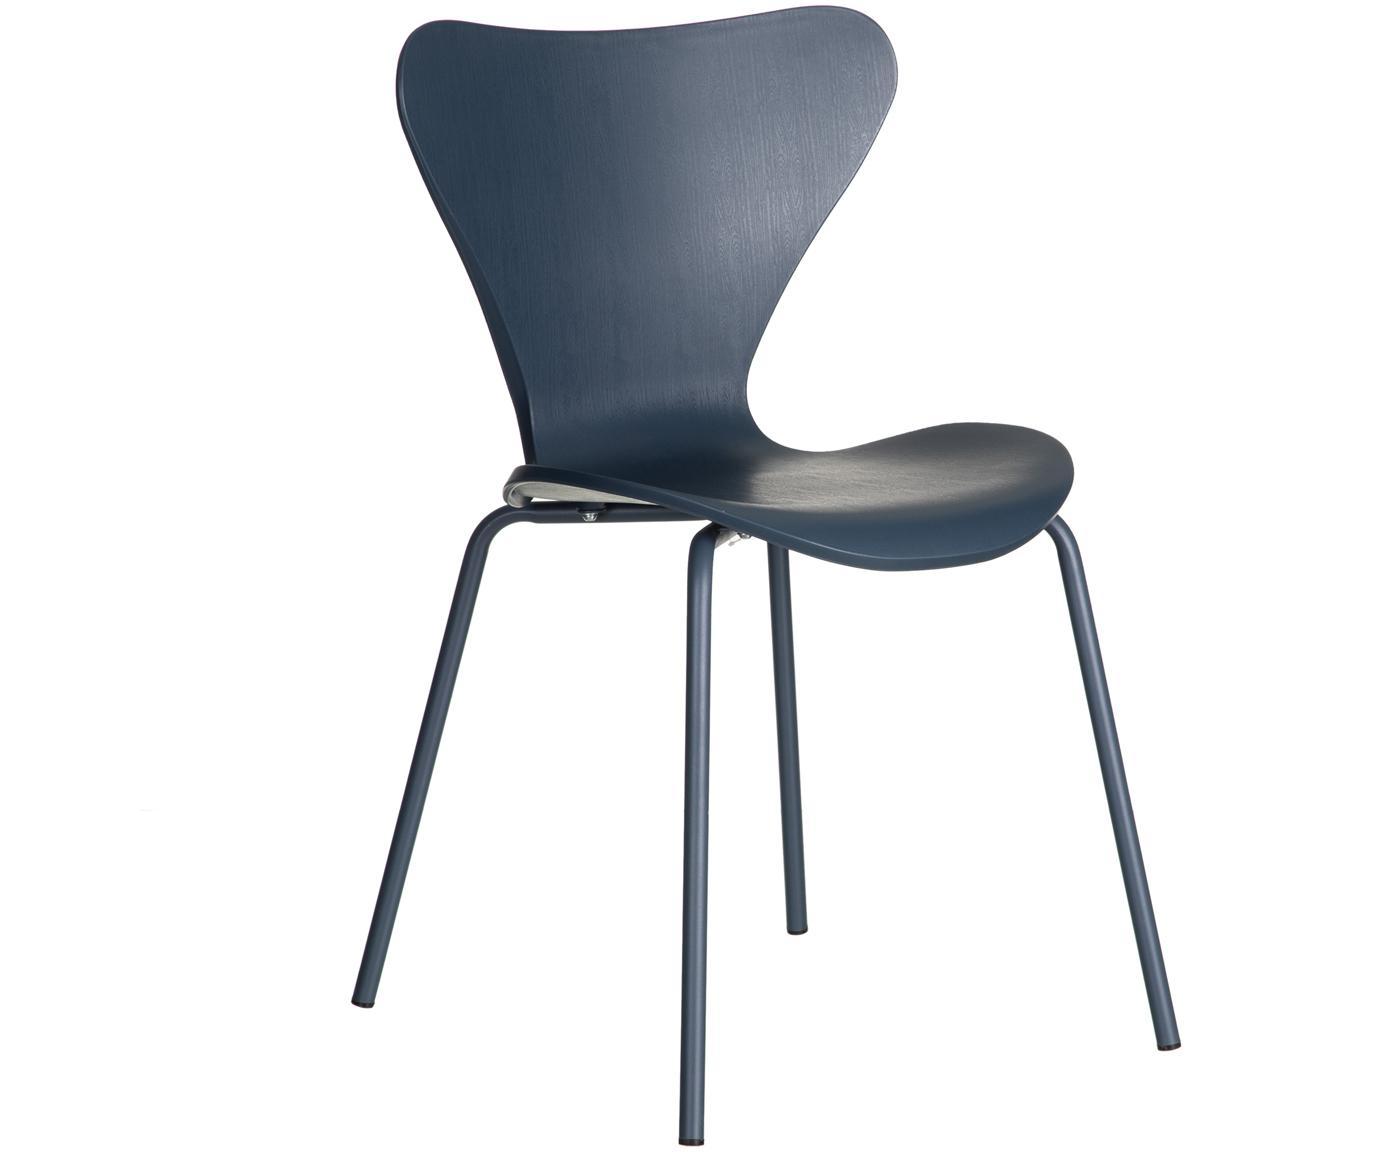 Stapelbare Kunststoffstühle Pippi, 2 Stück, Sitzfläche: Polypropylen, Beine: Metall, beschichtet, Blau, B 47 x T 50 cm